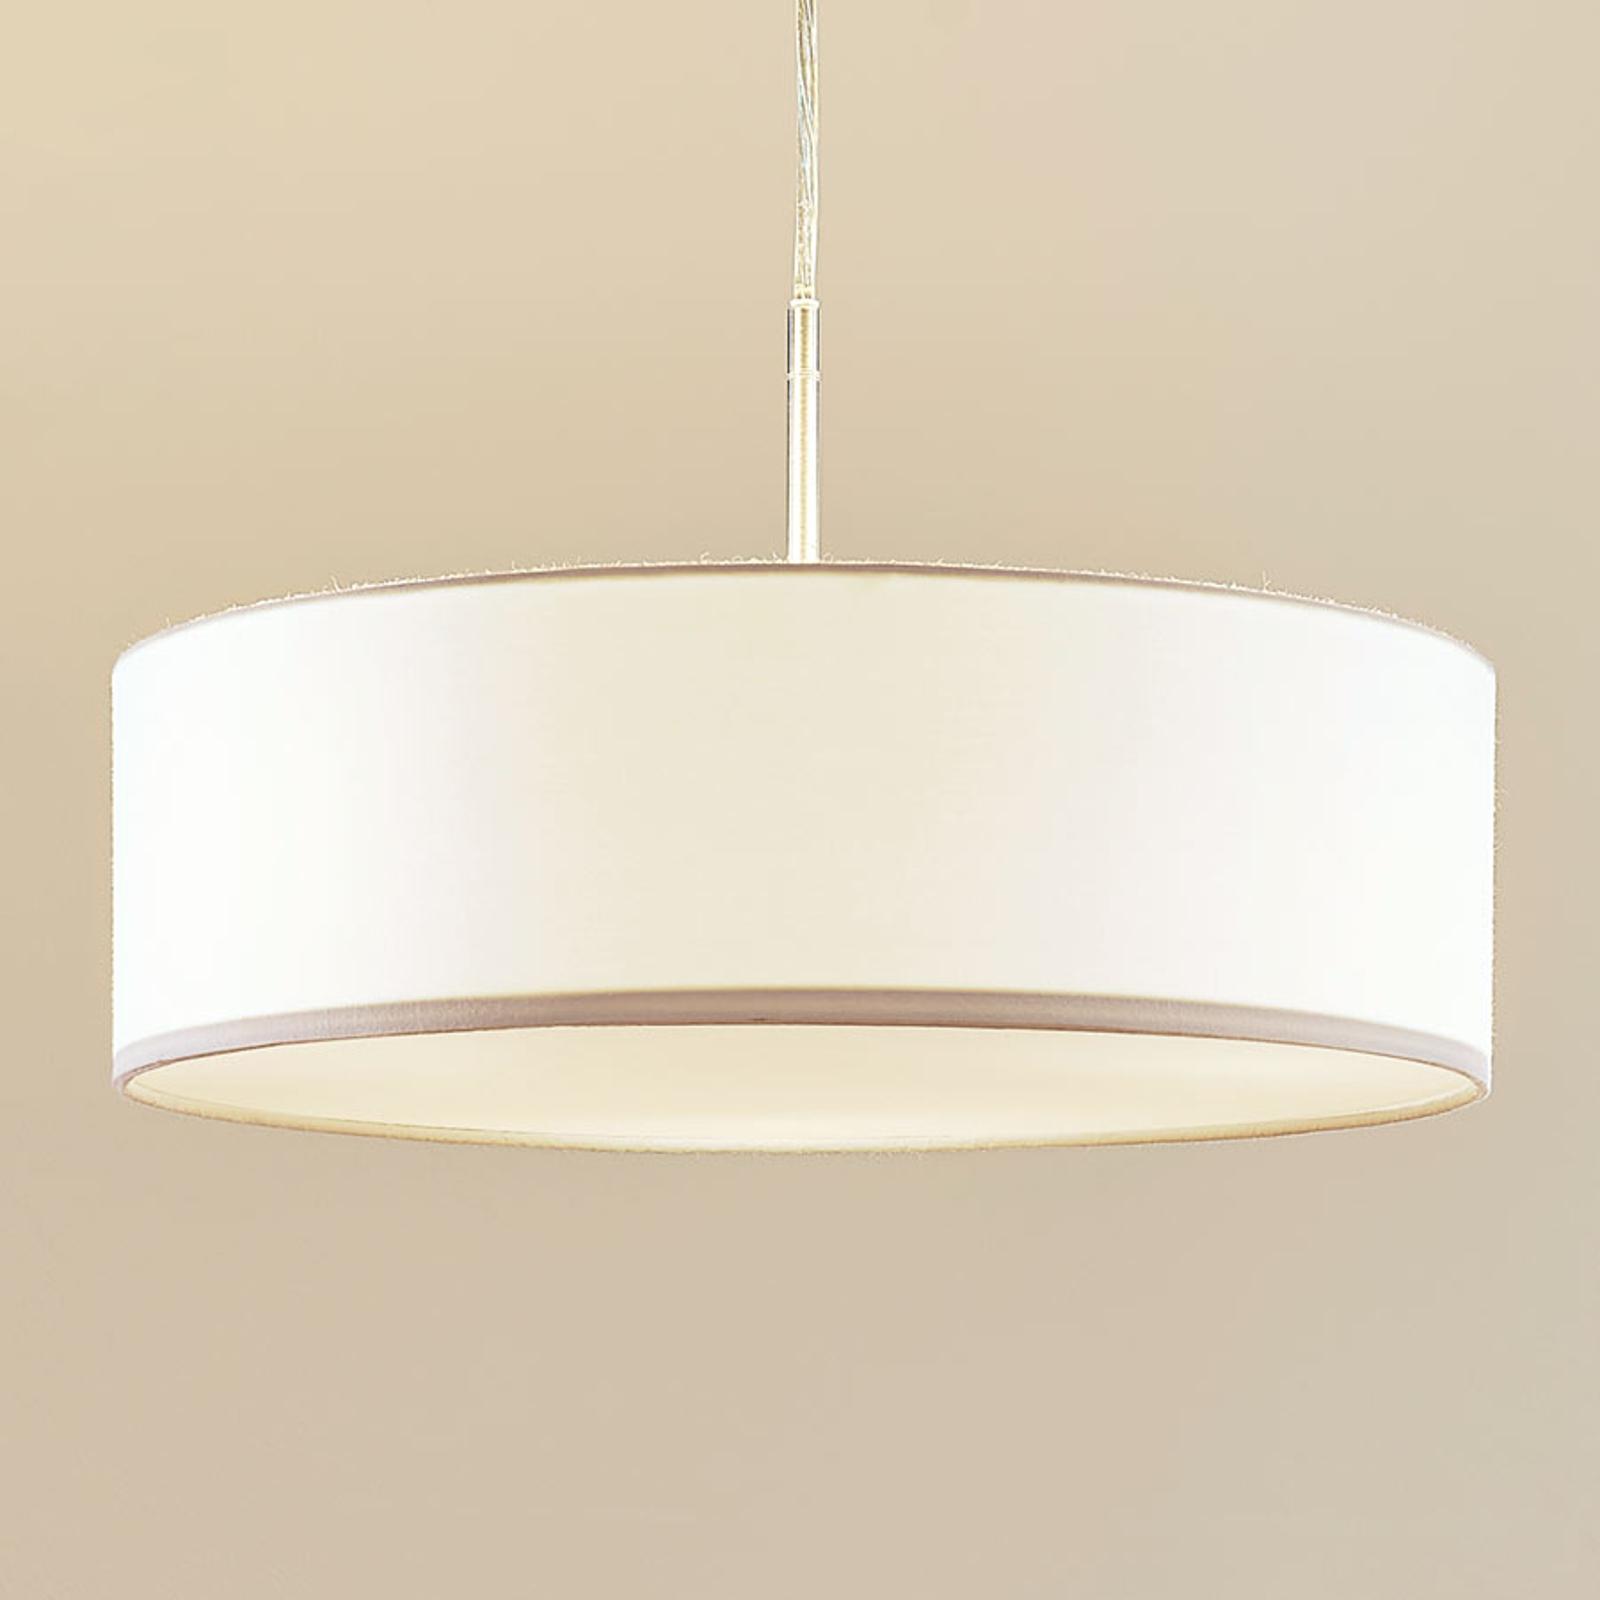 Sebatin - lampada a sospensione bianca